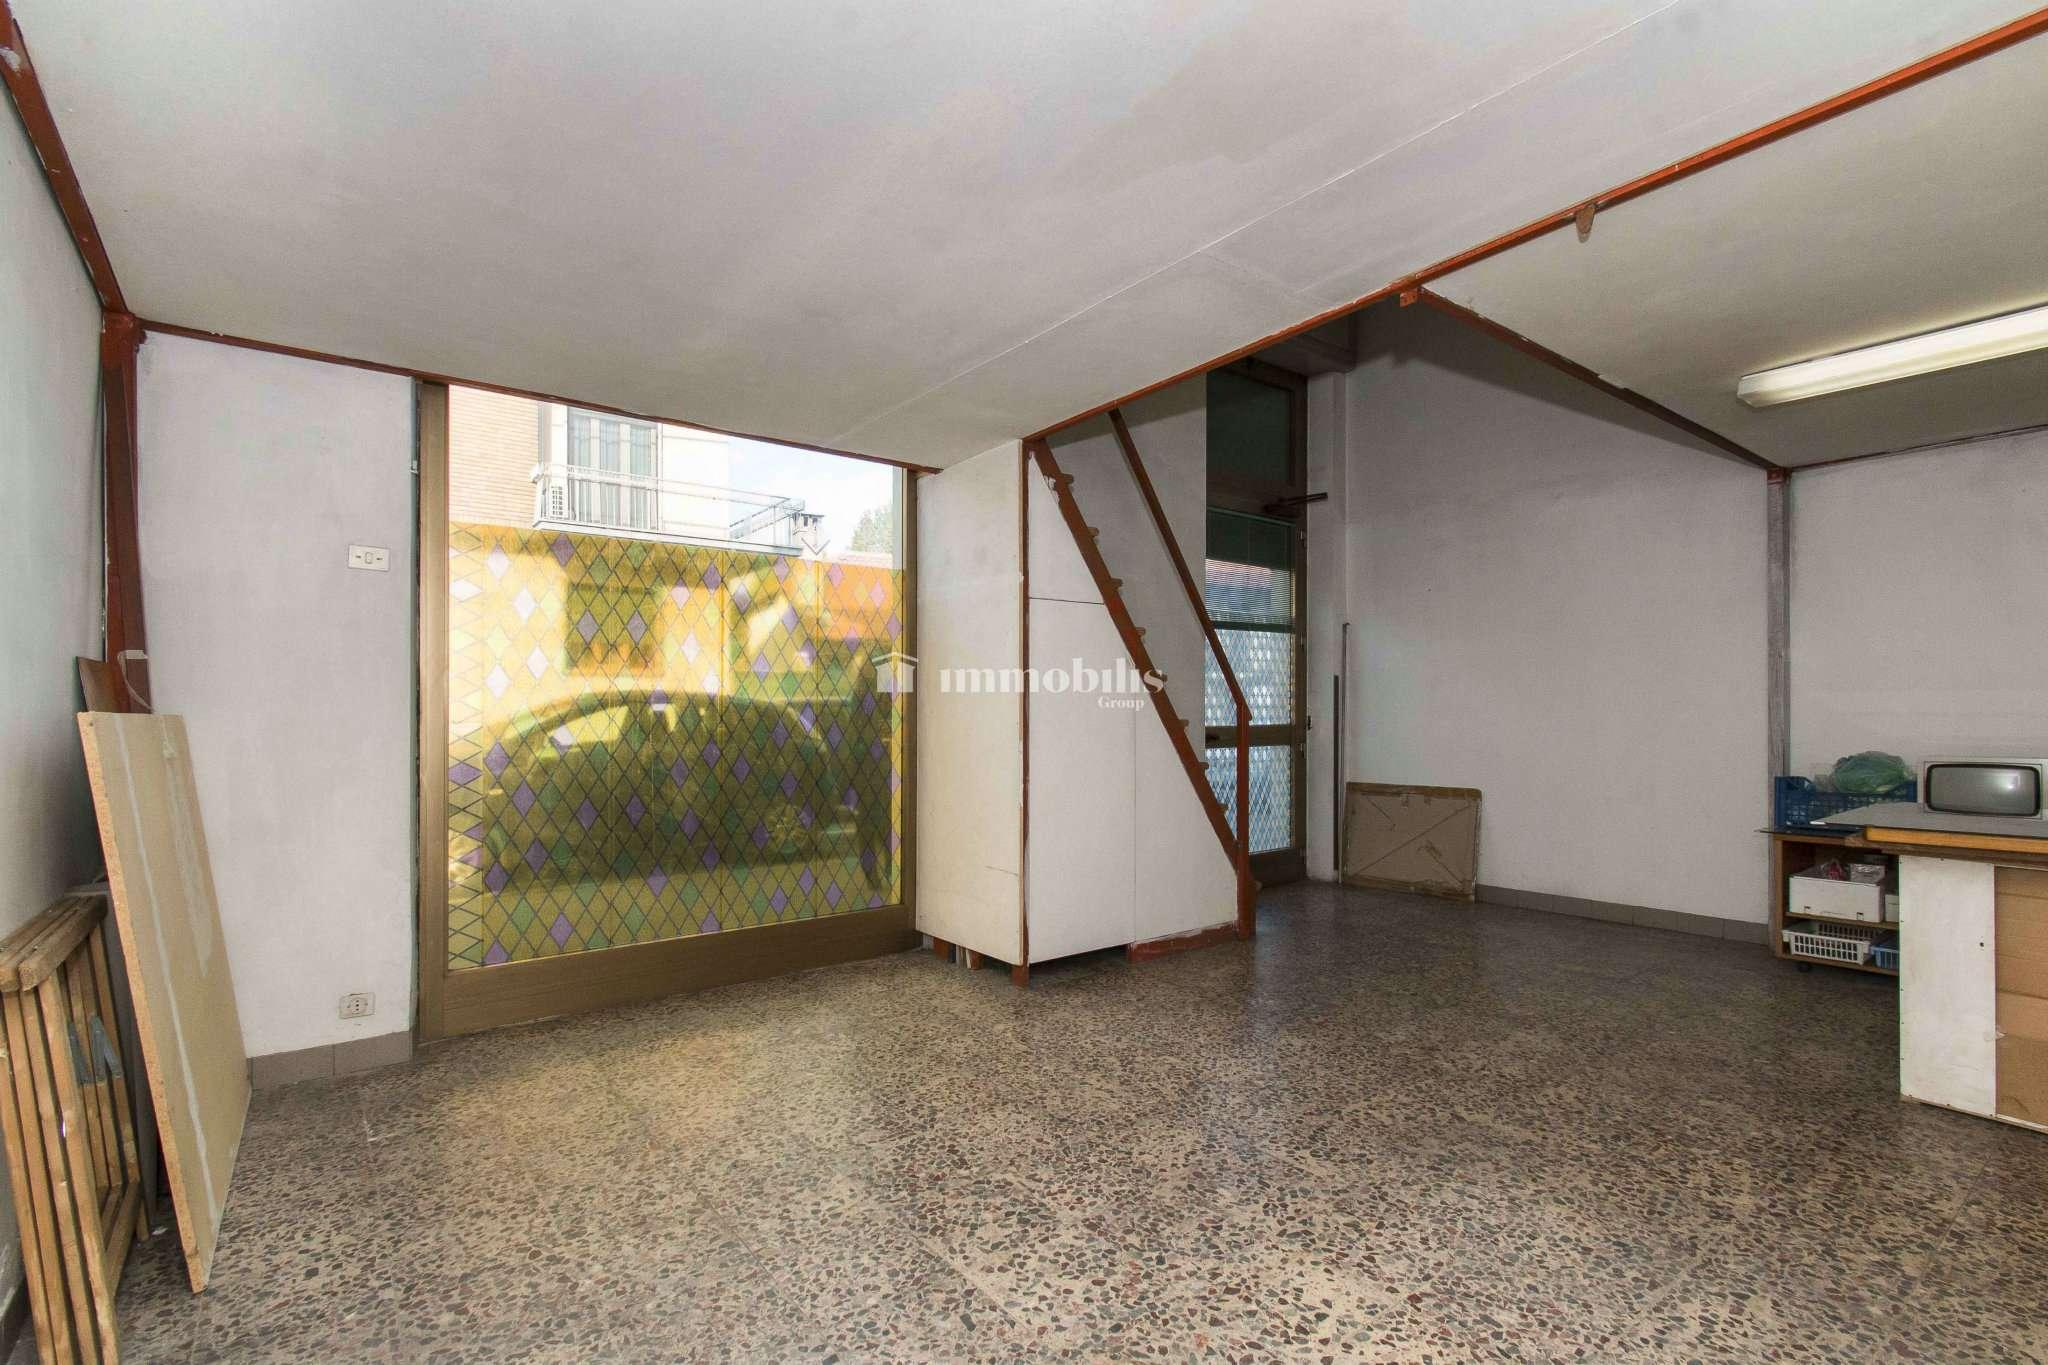 Appartamento in vendita a Grugliasco, 2 locali, prezzo € 47.000 | CambioCasa.it